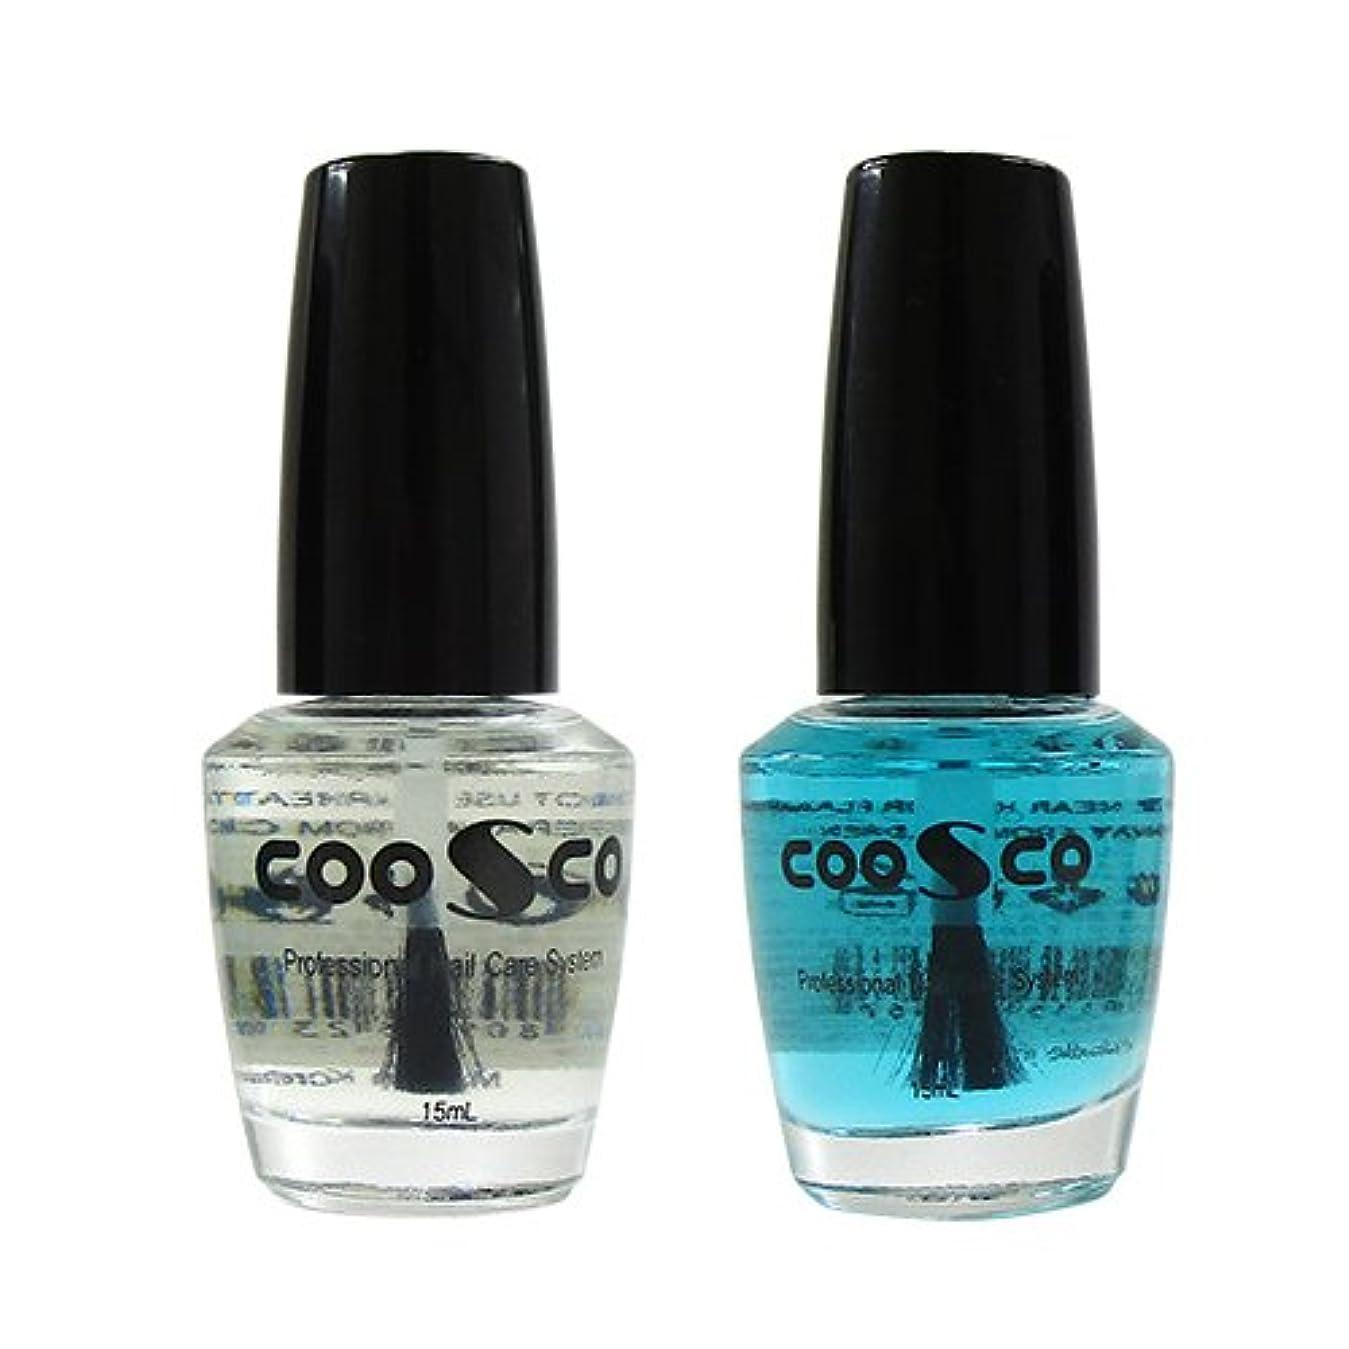 鉱石粘土つばチェスネイル用 CCトップコート×3個セット ※カラーは当店おまかせ! (COOSCO Professional Nail Care System CC Top Coat) 15mL